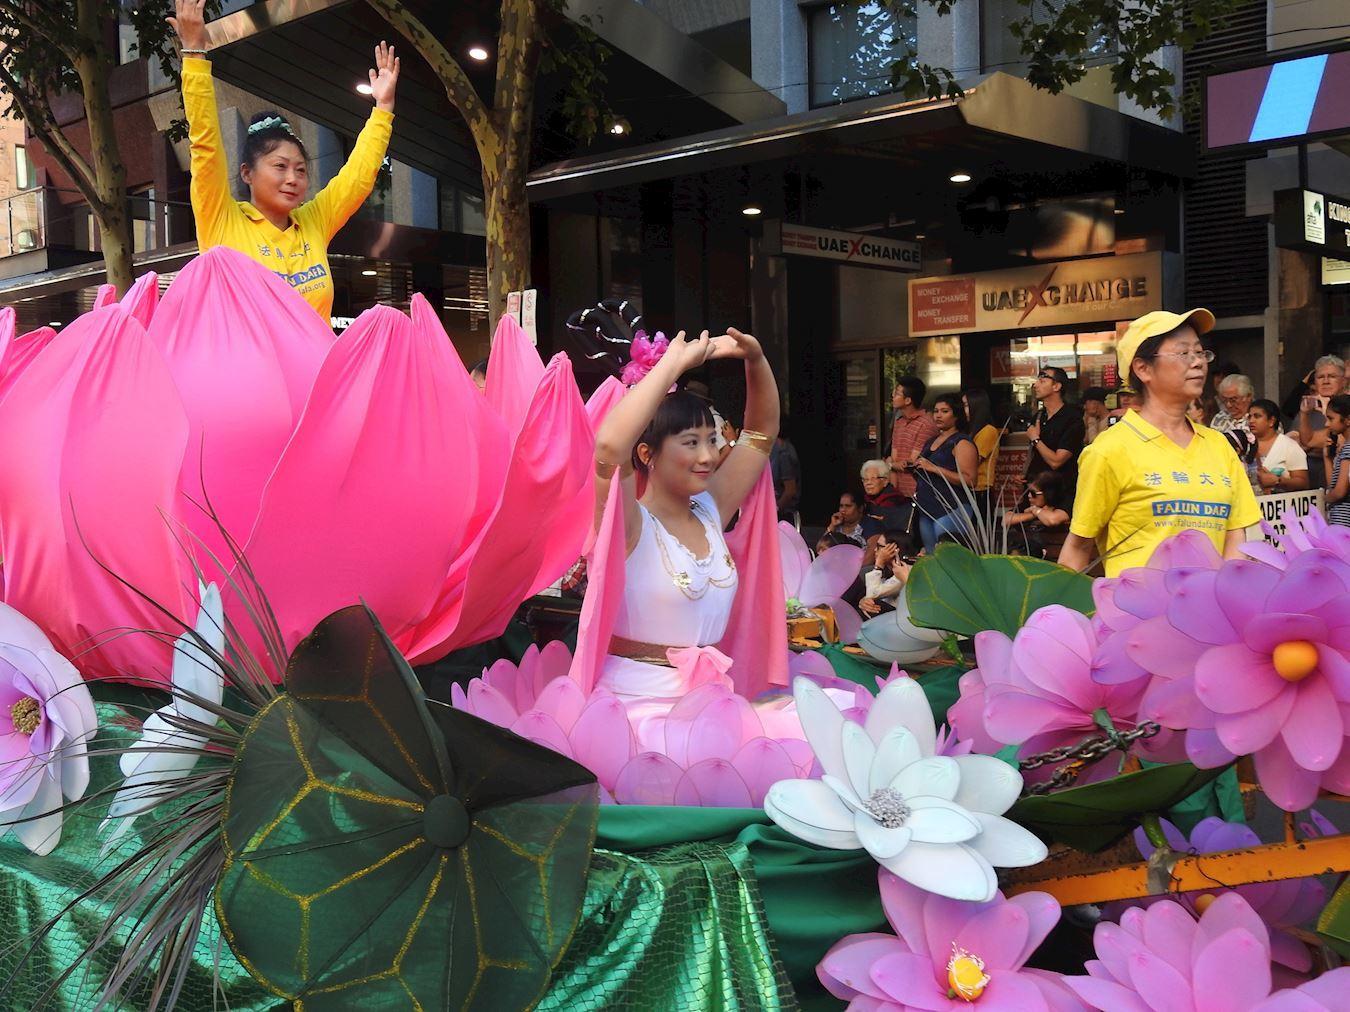 南澳部份法輪功學員受阿德雷德市政府邀請參加國慶慶典及遊行受到民眾歡迎。(明慧網)